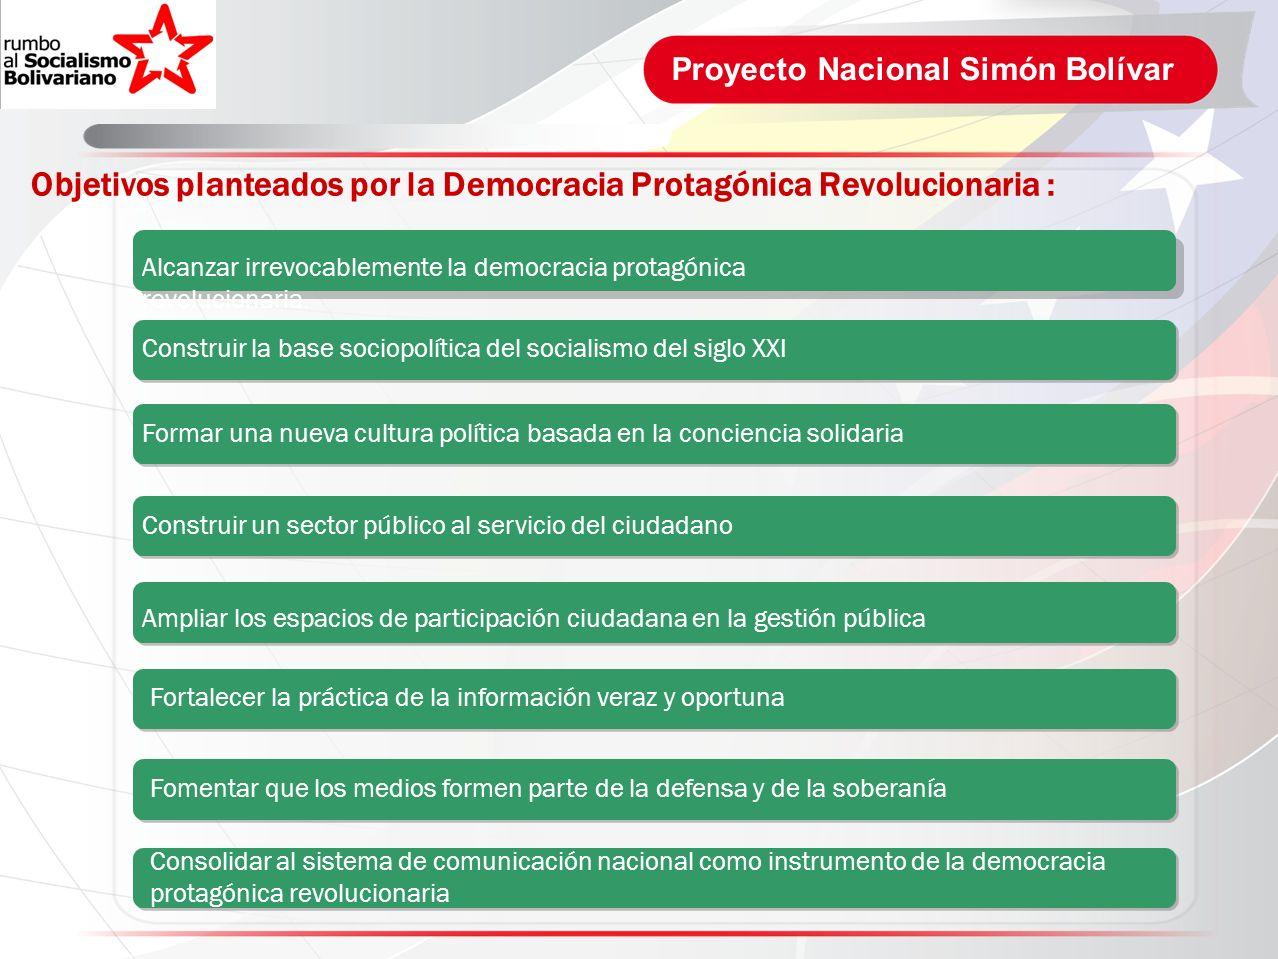 Objetivos planteados por la Democracia Protagónica Revolucionaria :